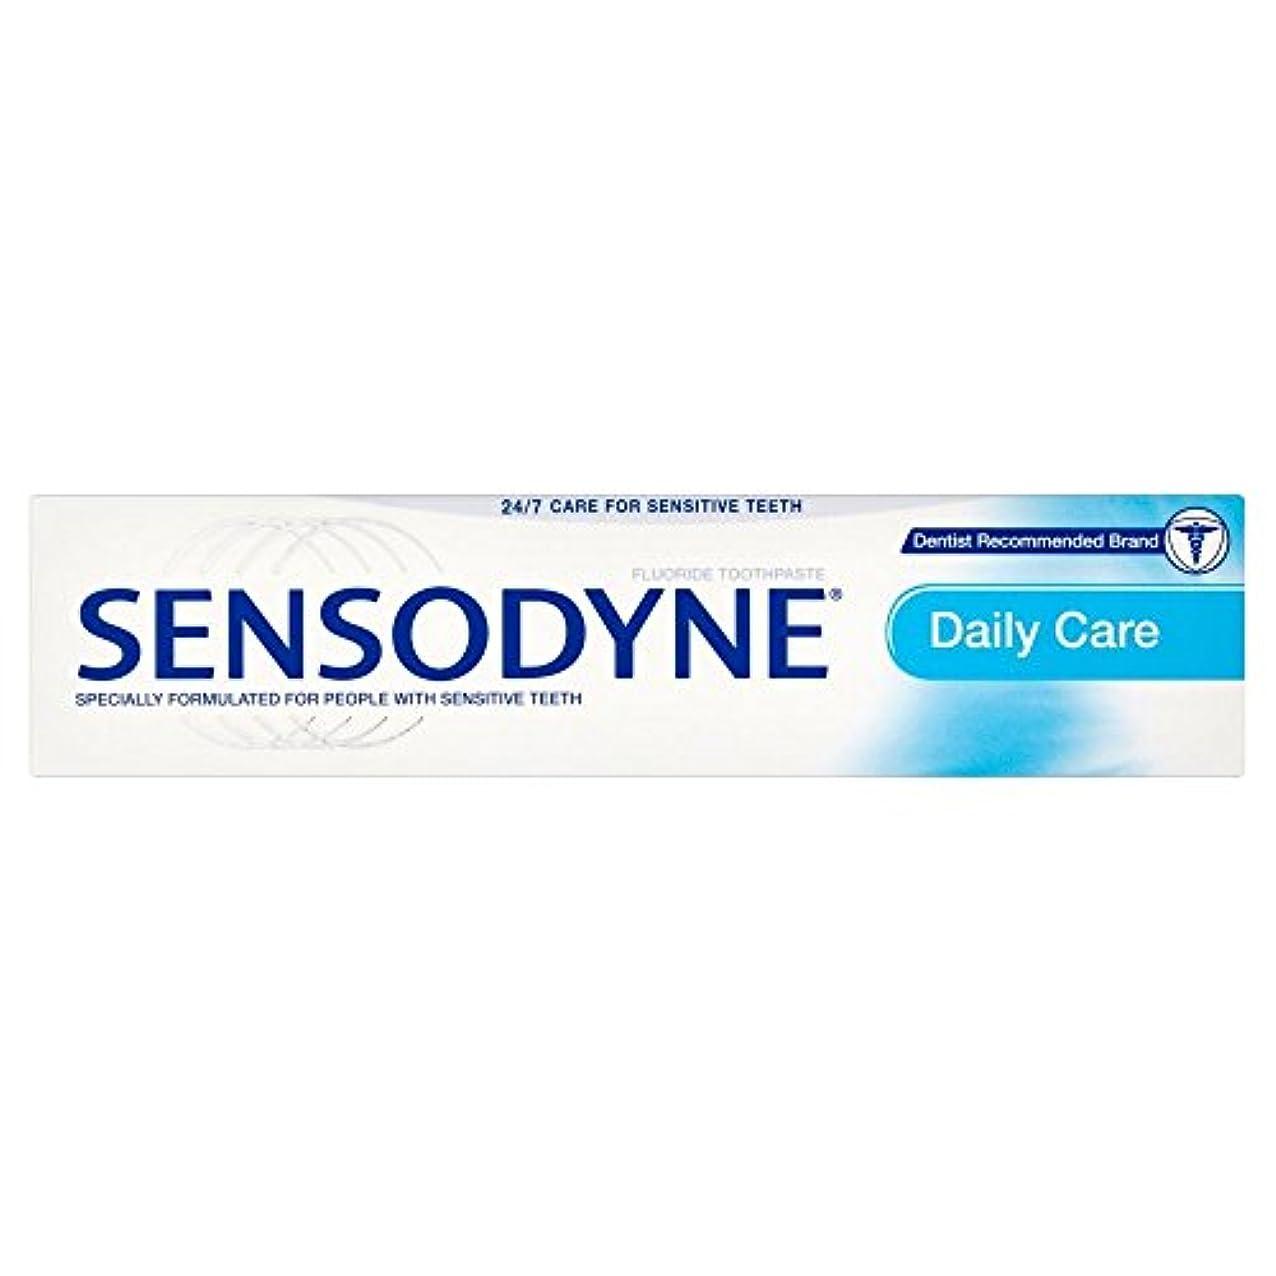 受付バイアス独裁者Sensodyne Daily Care Fluoride Toothpaste (75ml) Sensodyne毎日のケアフッ化物歯磨き粉( 75ミリリットル) [並行輸入品]